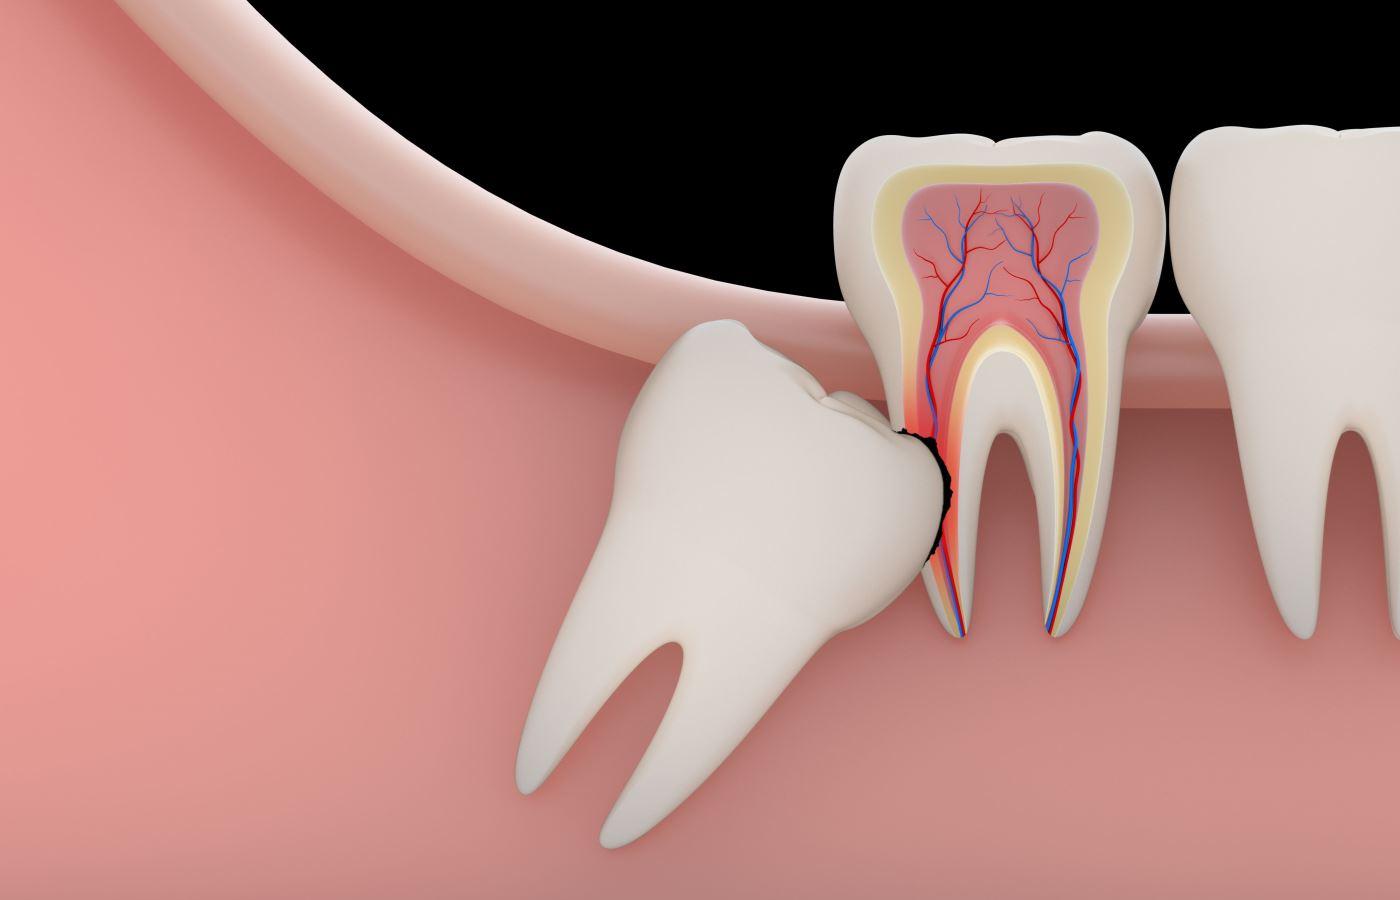 دندان عقل چیست